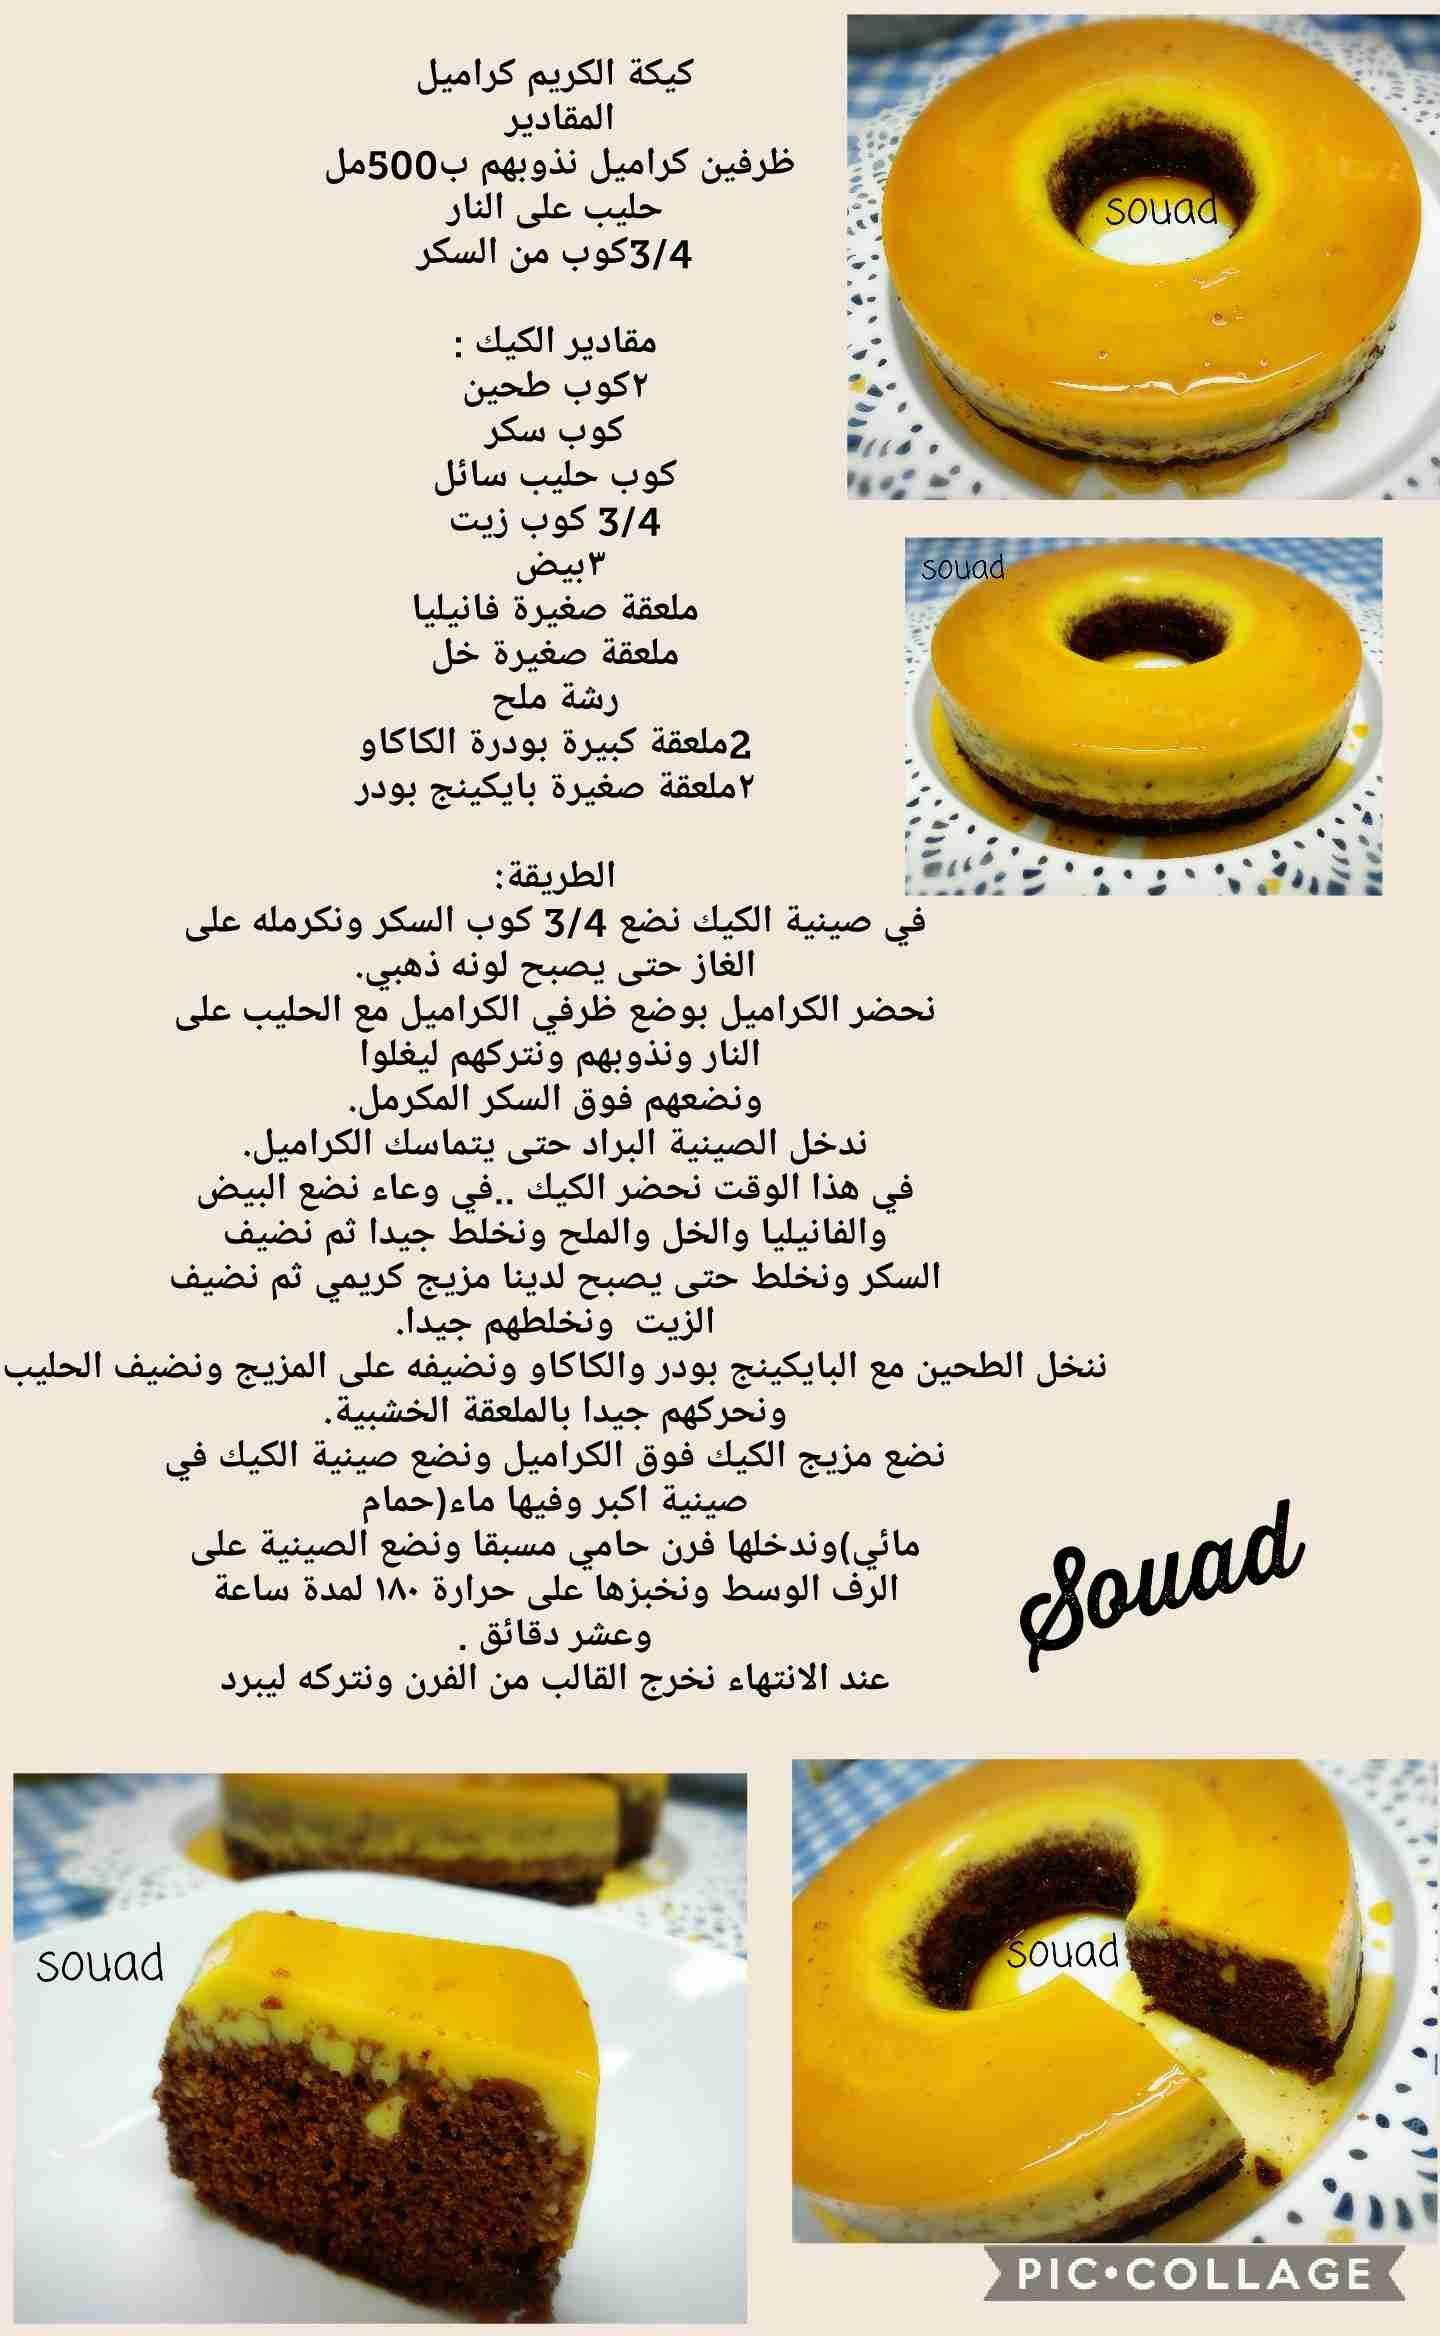 كيكة الكريم كراميل زاكي Persian Food Cake Recipes Recipes